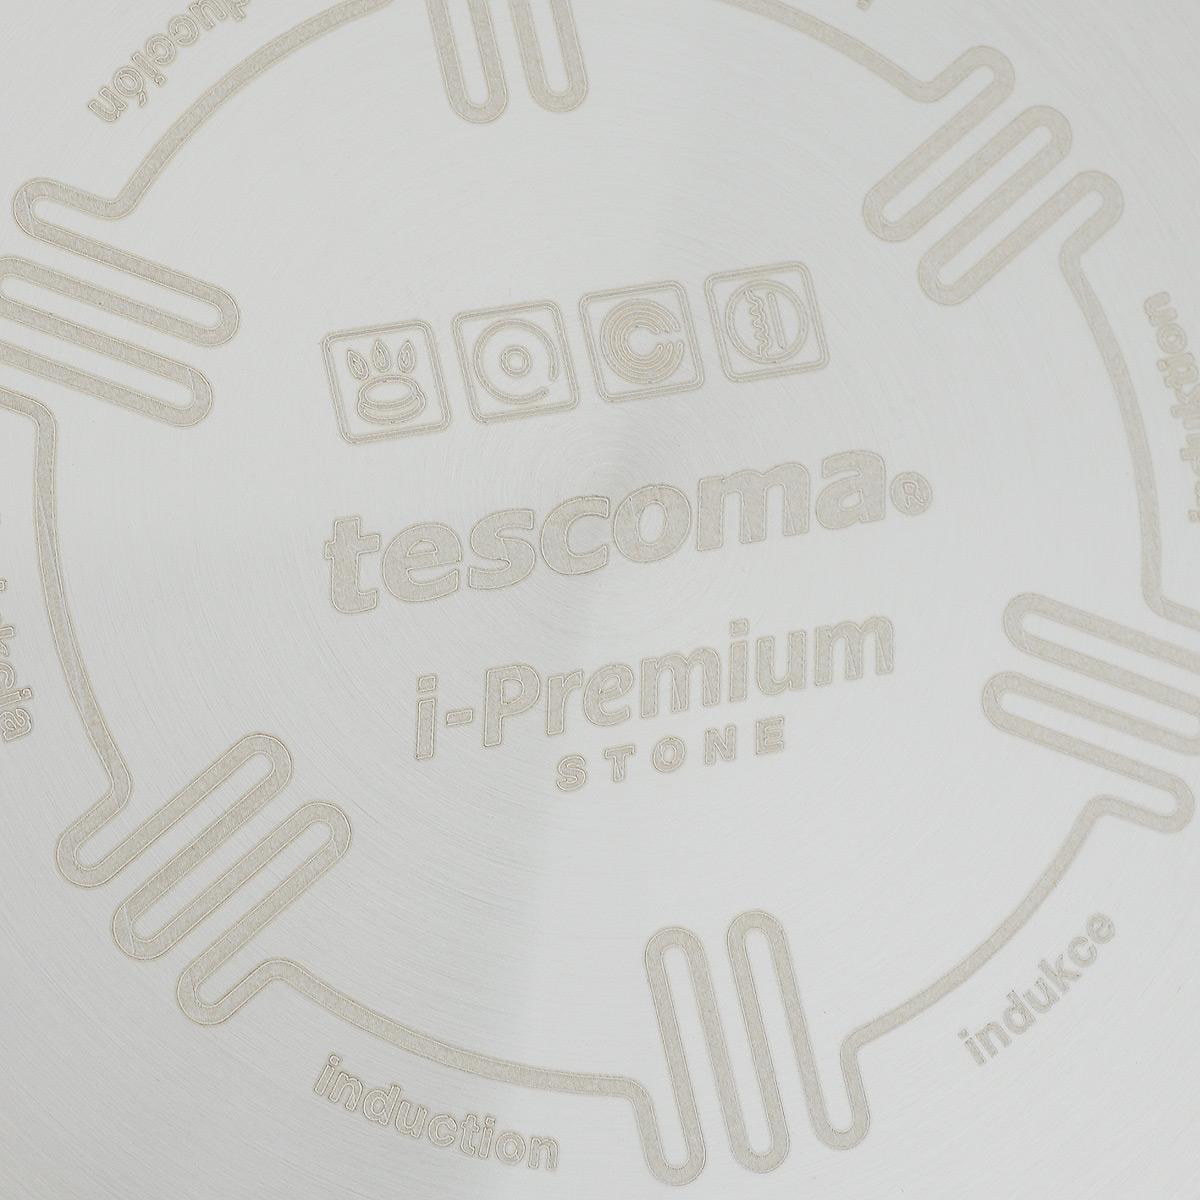 """Сковорода Tescoma """"i-Premium Stone"""" выполнена из безвредного алюминия посредством современного метода штамповки. Оснащена индукционным дном из нержавеющей стали, ручка изготовлена из прочной пластмассы в комбинации c металлом. Изделие имеет специально разработанное антипригарное покрытие c текстурной поверхностью, со свойствами неполированного натурального камня.  Благодаря этому блюда пропекаются равномерно, не пригорают, остаются сочными и сохраняют свой натуральный вкус. Внутренняя часть сковороды имеет рифленую, характерную для гриля, поверхность. Подходит для всех типов плит, включая индукционные. Можно мыть в посудомоечной машине.   Размер сковороды: 26 х 26 см.  Высота стенки: 4 см.  Диаметр индукционного диска: 17,2 см.  Длина ручки: 17,5 см."""